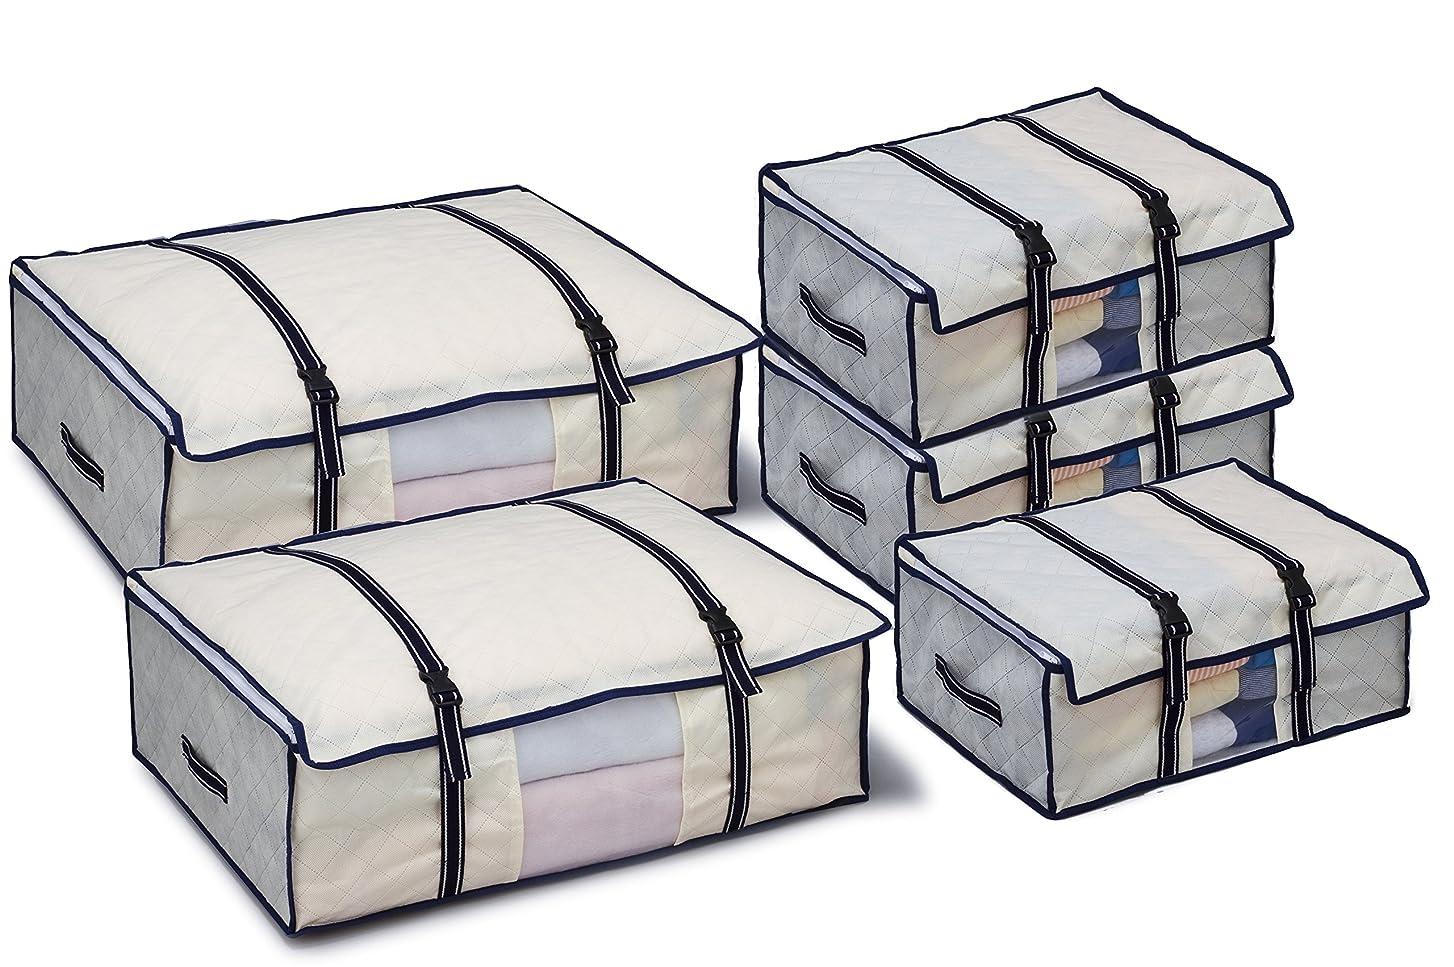 療法かわすラテンアストロ 衣装ケース 5個 (Mサイズ3個+Lサイズ2個)  ライトベージュ 不織布 活性炭消臭 ベルト付き 191-11